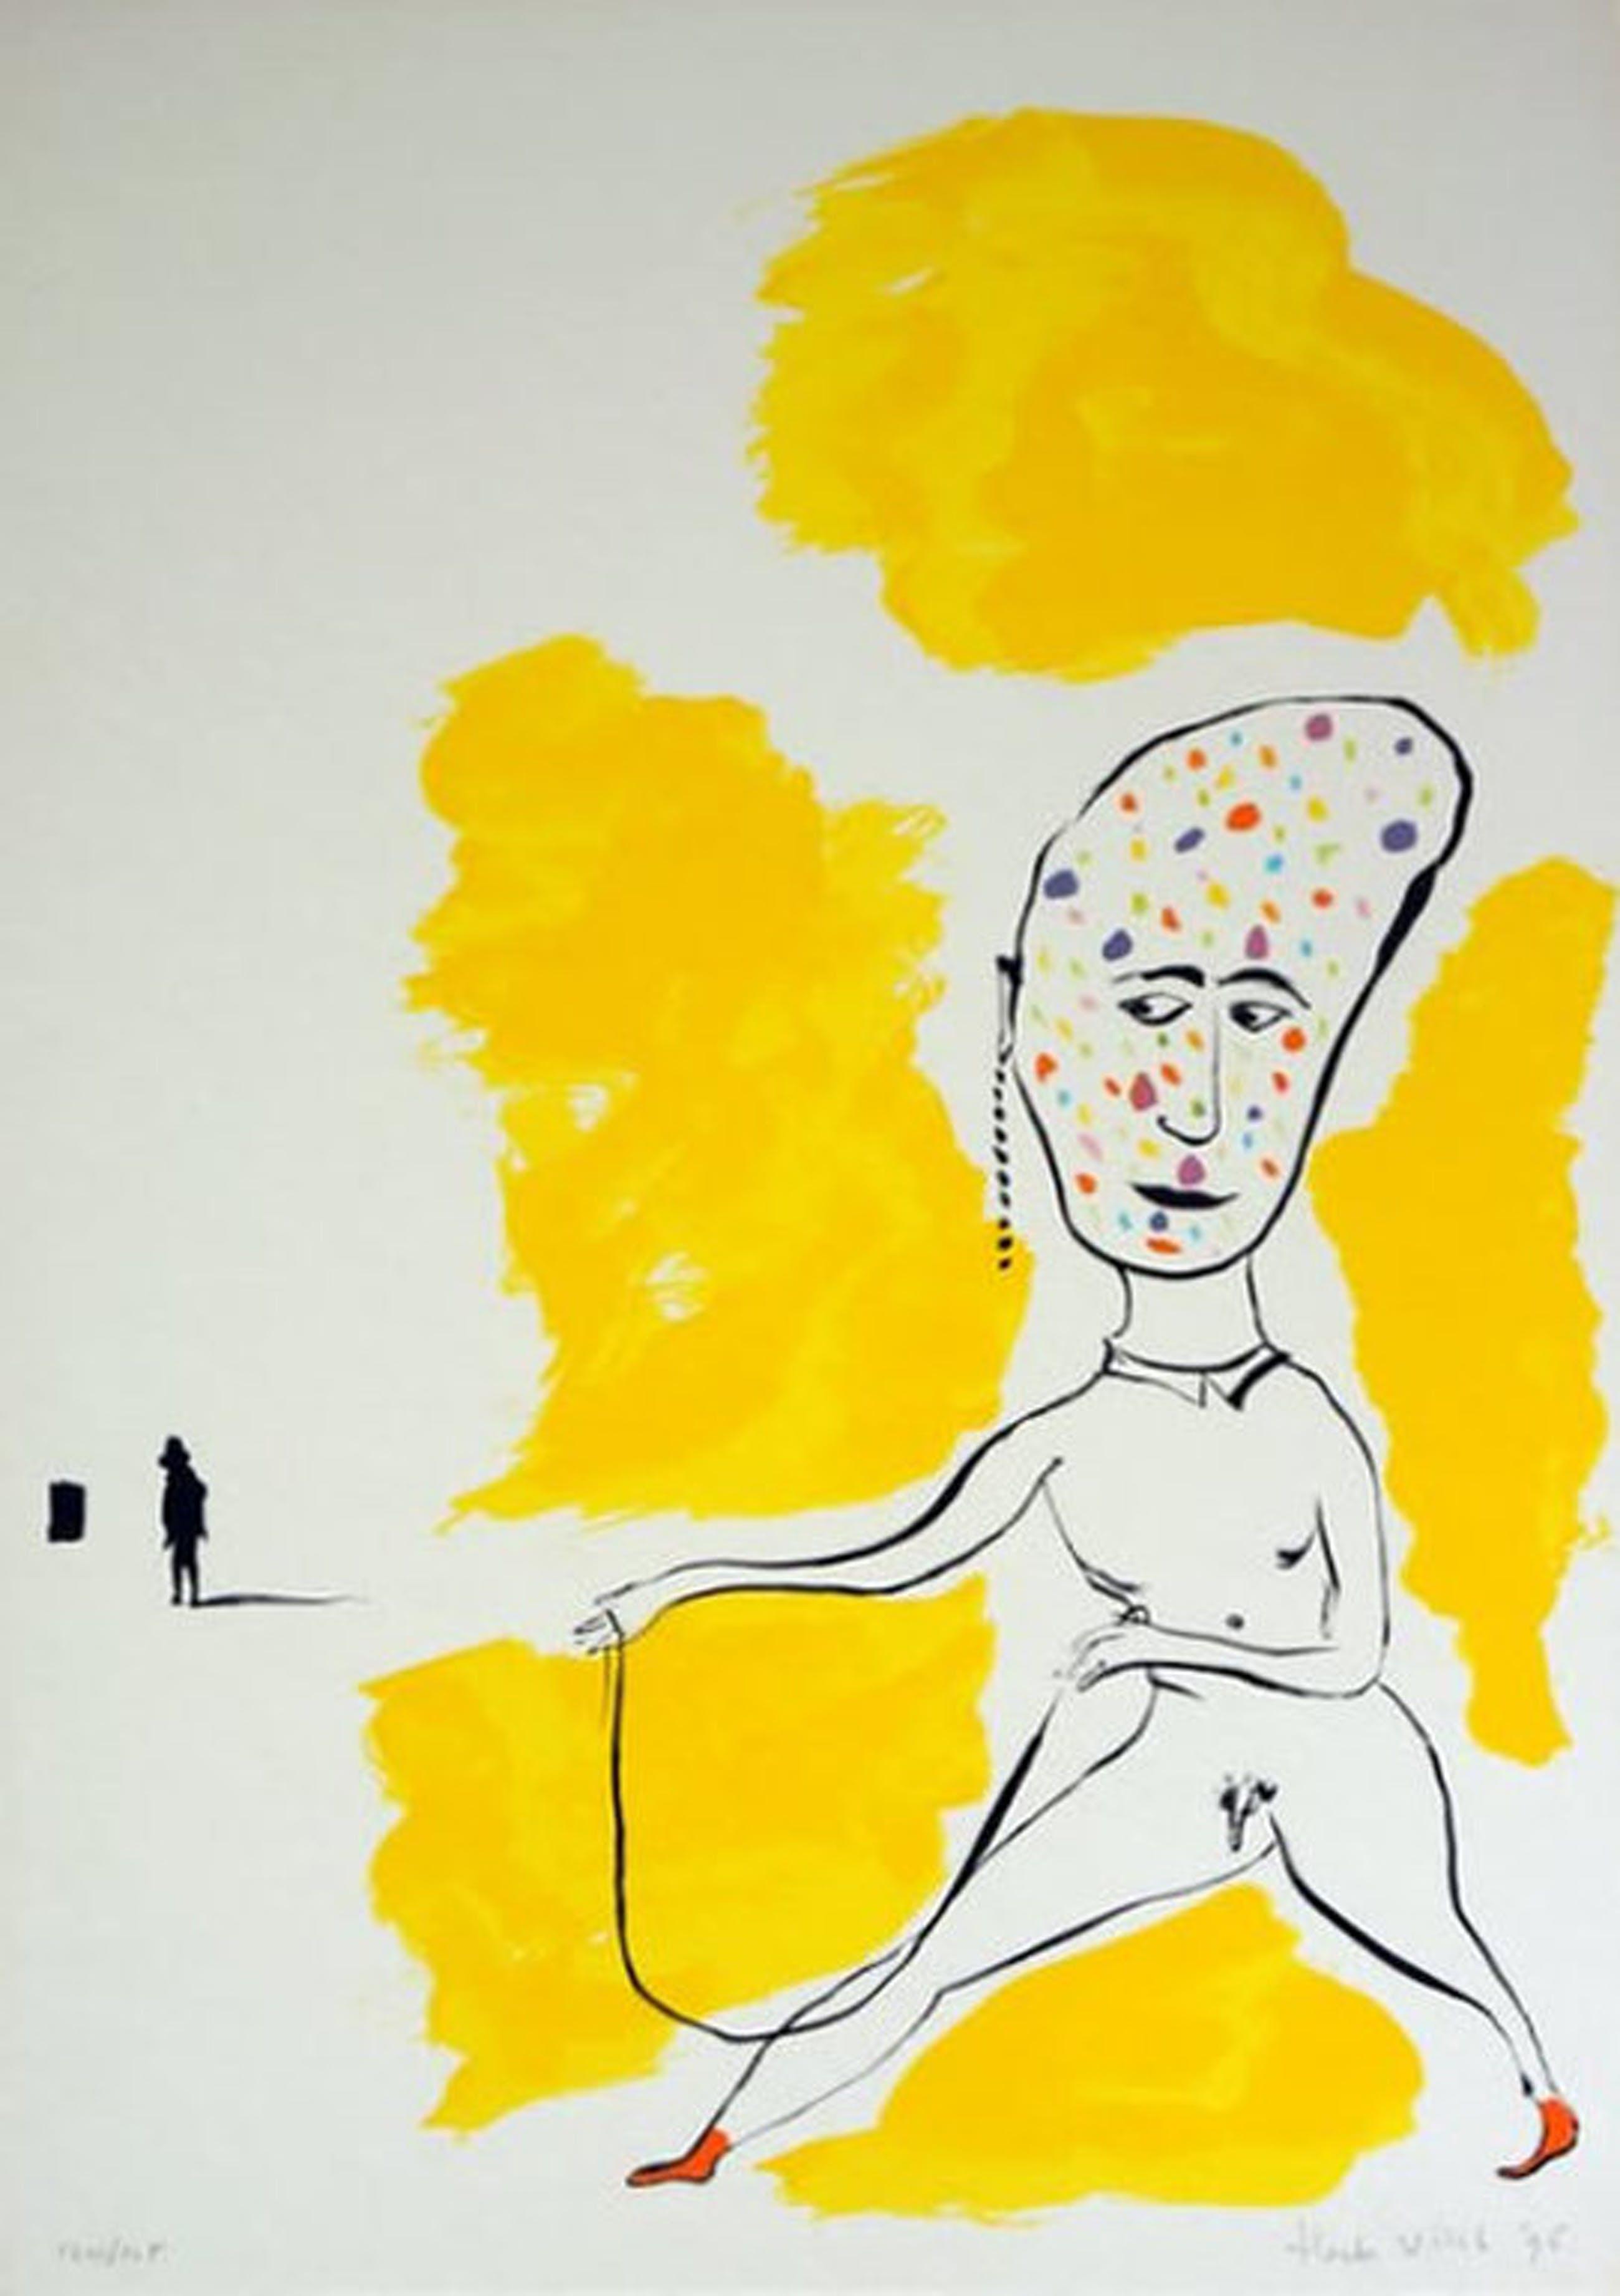 Henk Visch kleurenlitho 'Man' 1996 kopen? Bied vanaf 70!